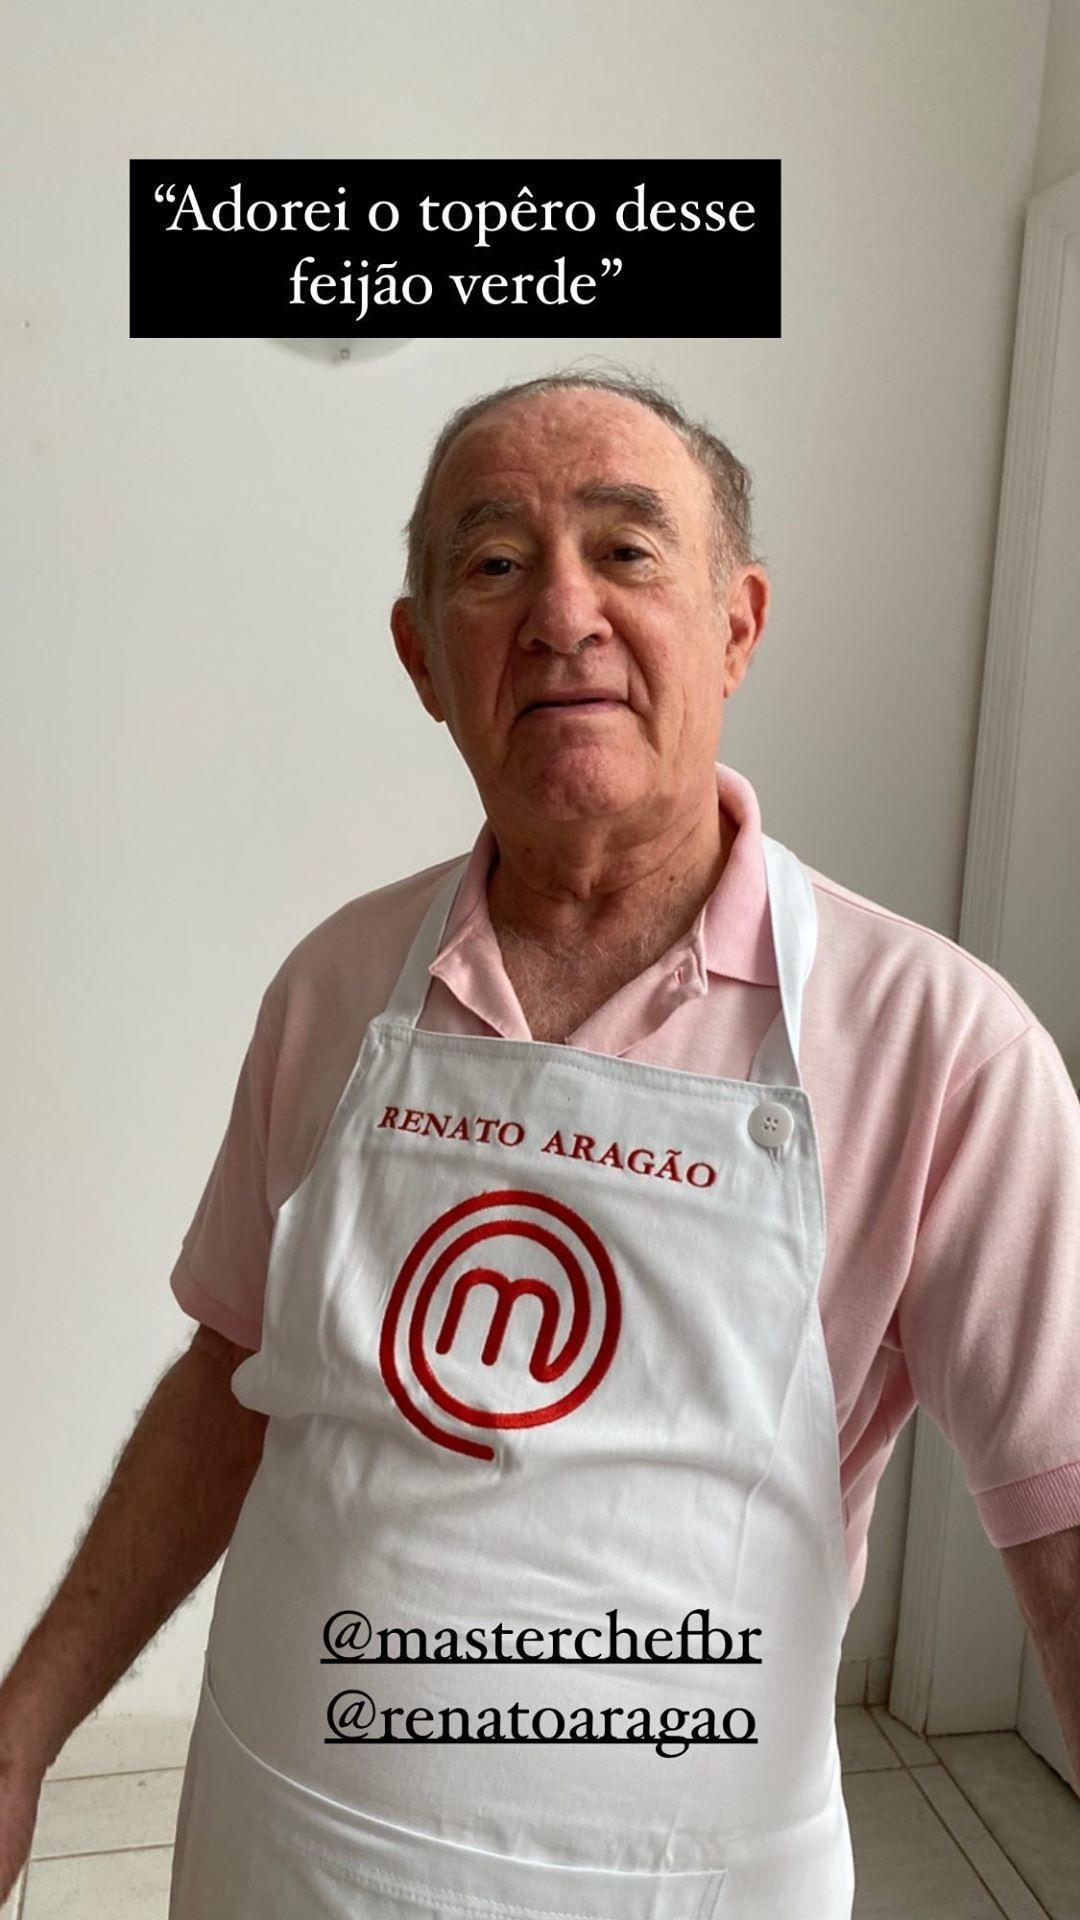 Fora da Globo, Renato Aragão posa com avental do MasterChef para cozinhar -  01/10/2020 - UOL TV e Famosos